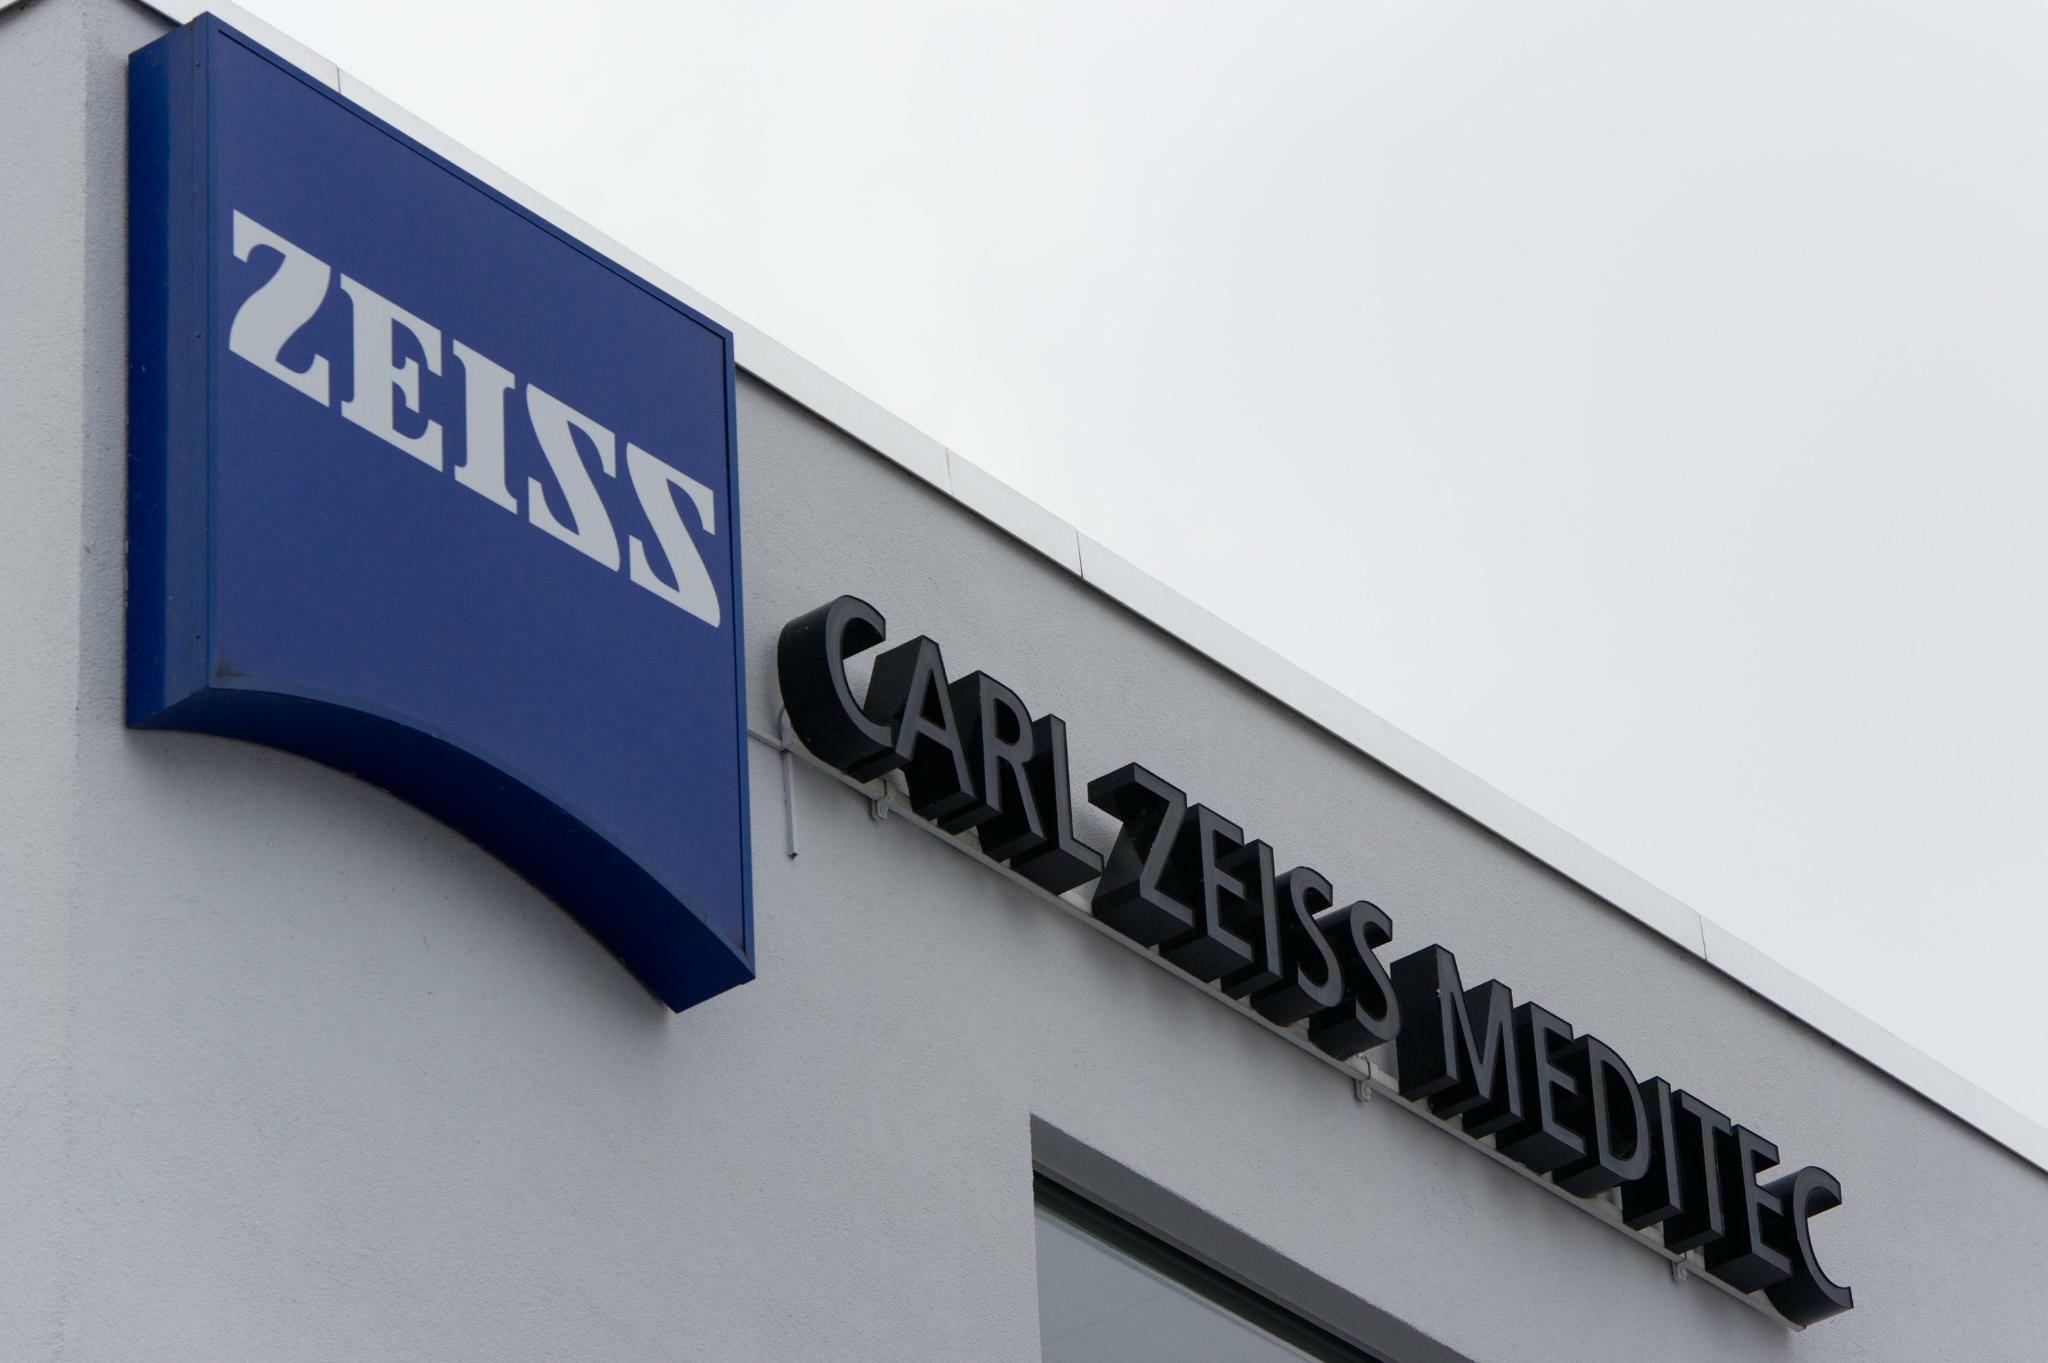 Carl Zeiss Meditec verschätzt sich bei Rendite – Aktie bricht ein